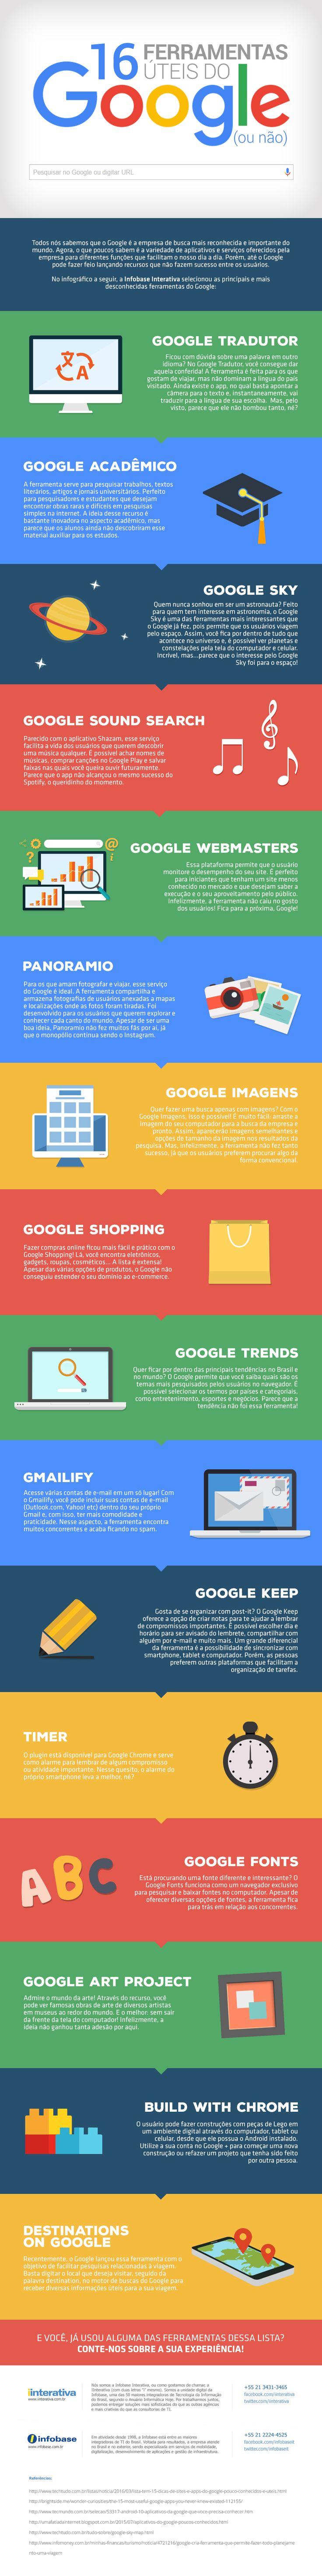 infográfico – 16 ferramentas úteis do Google (ou não)